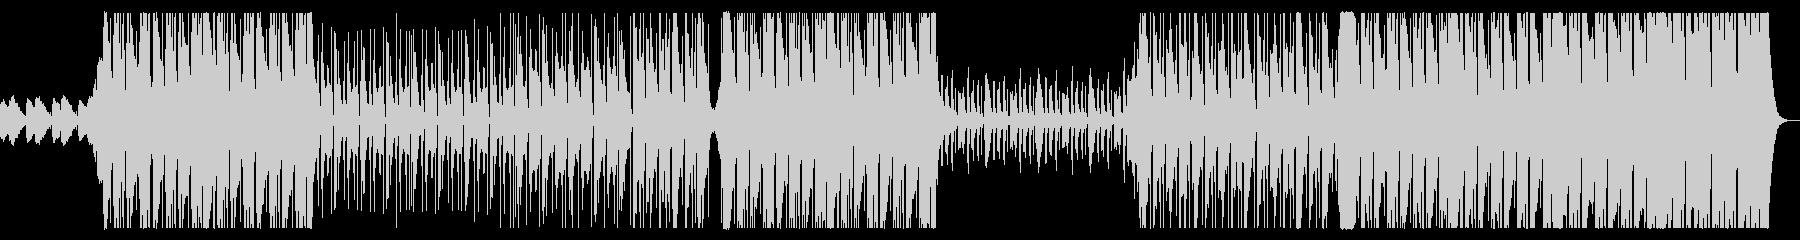 ダークでHipHopなビートの曲の未再生の波形